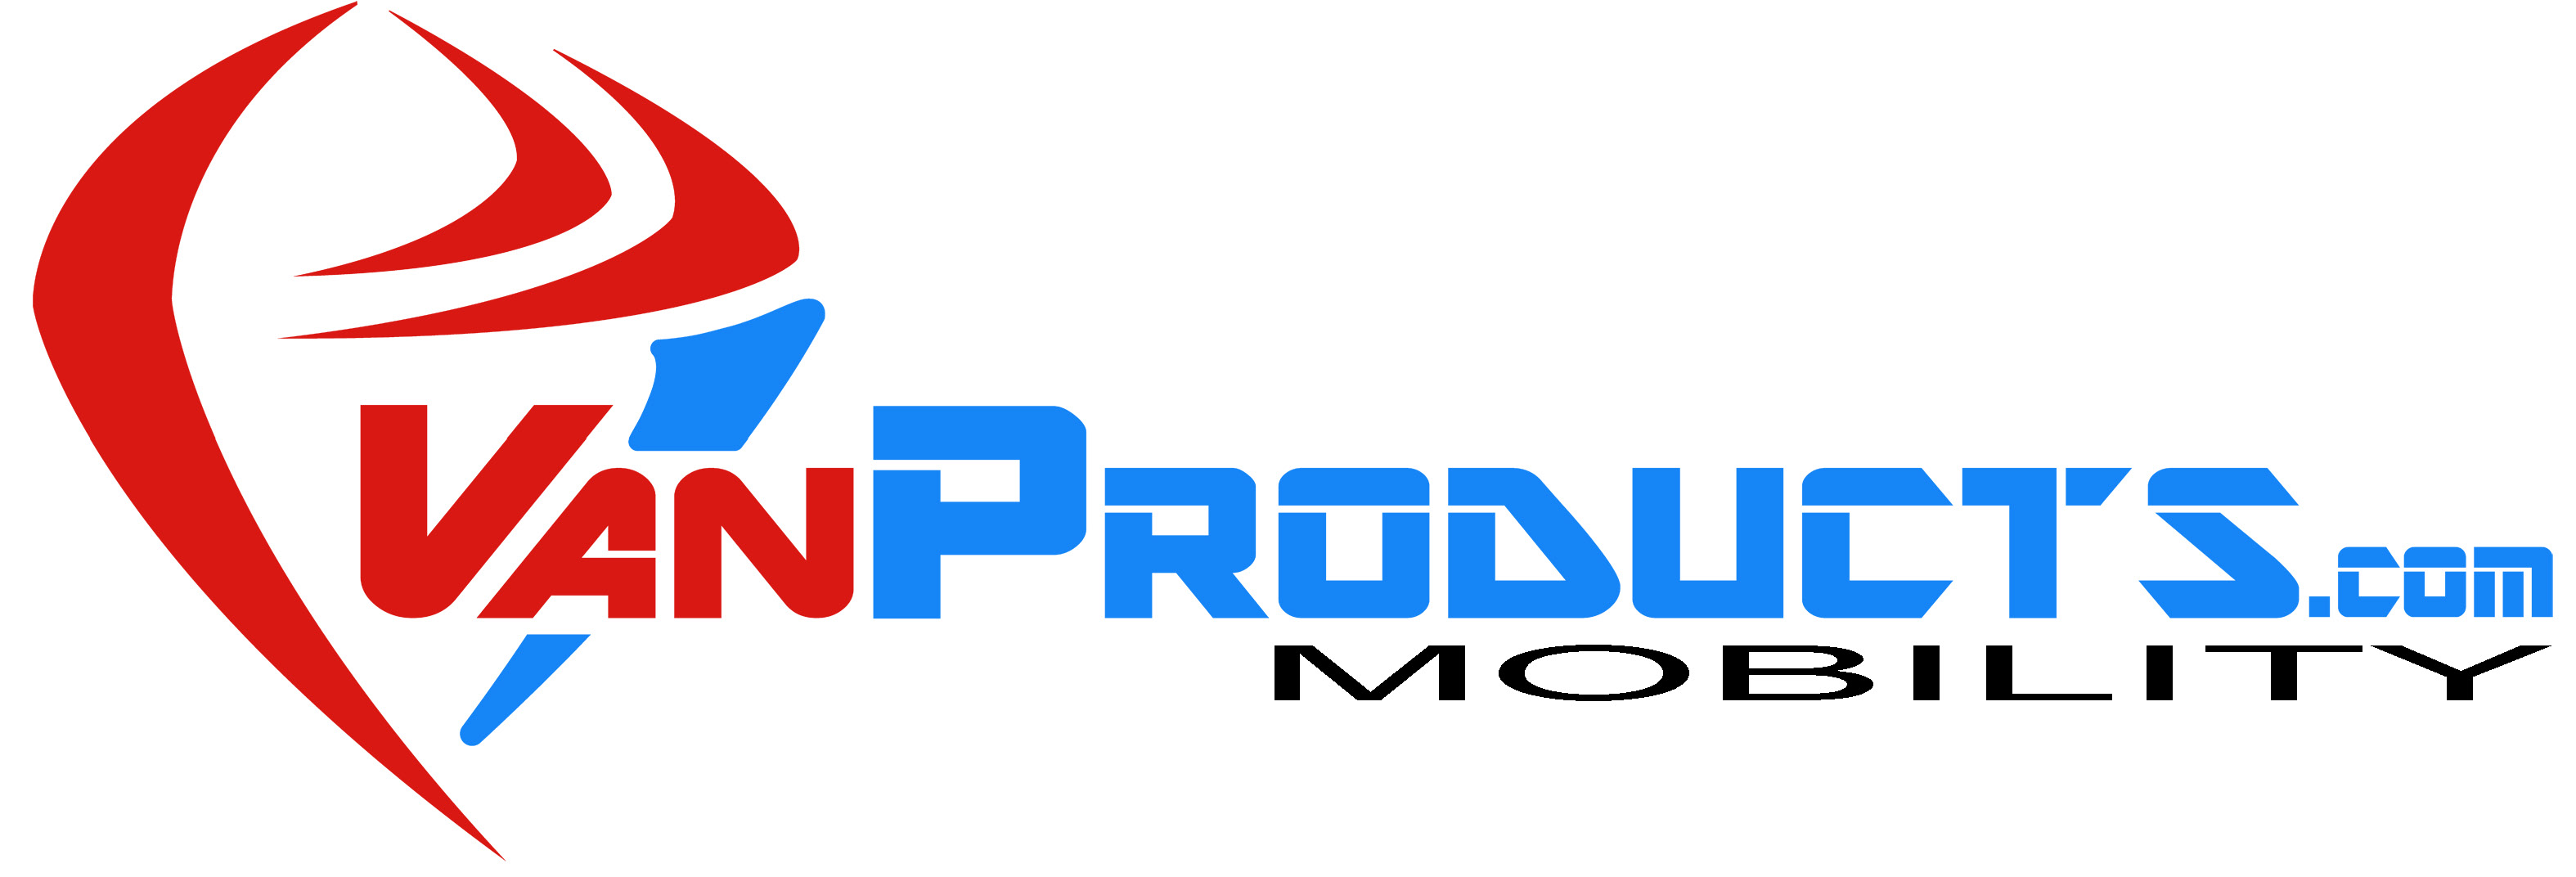 Van Products